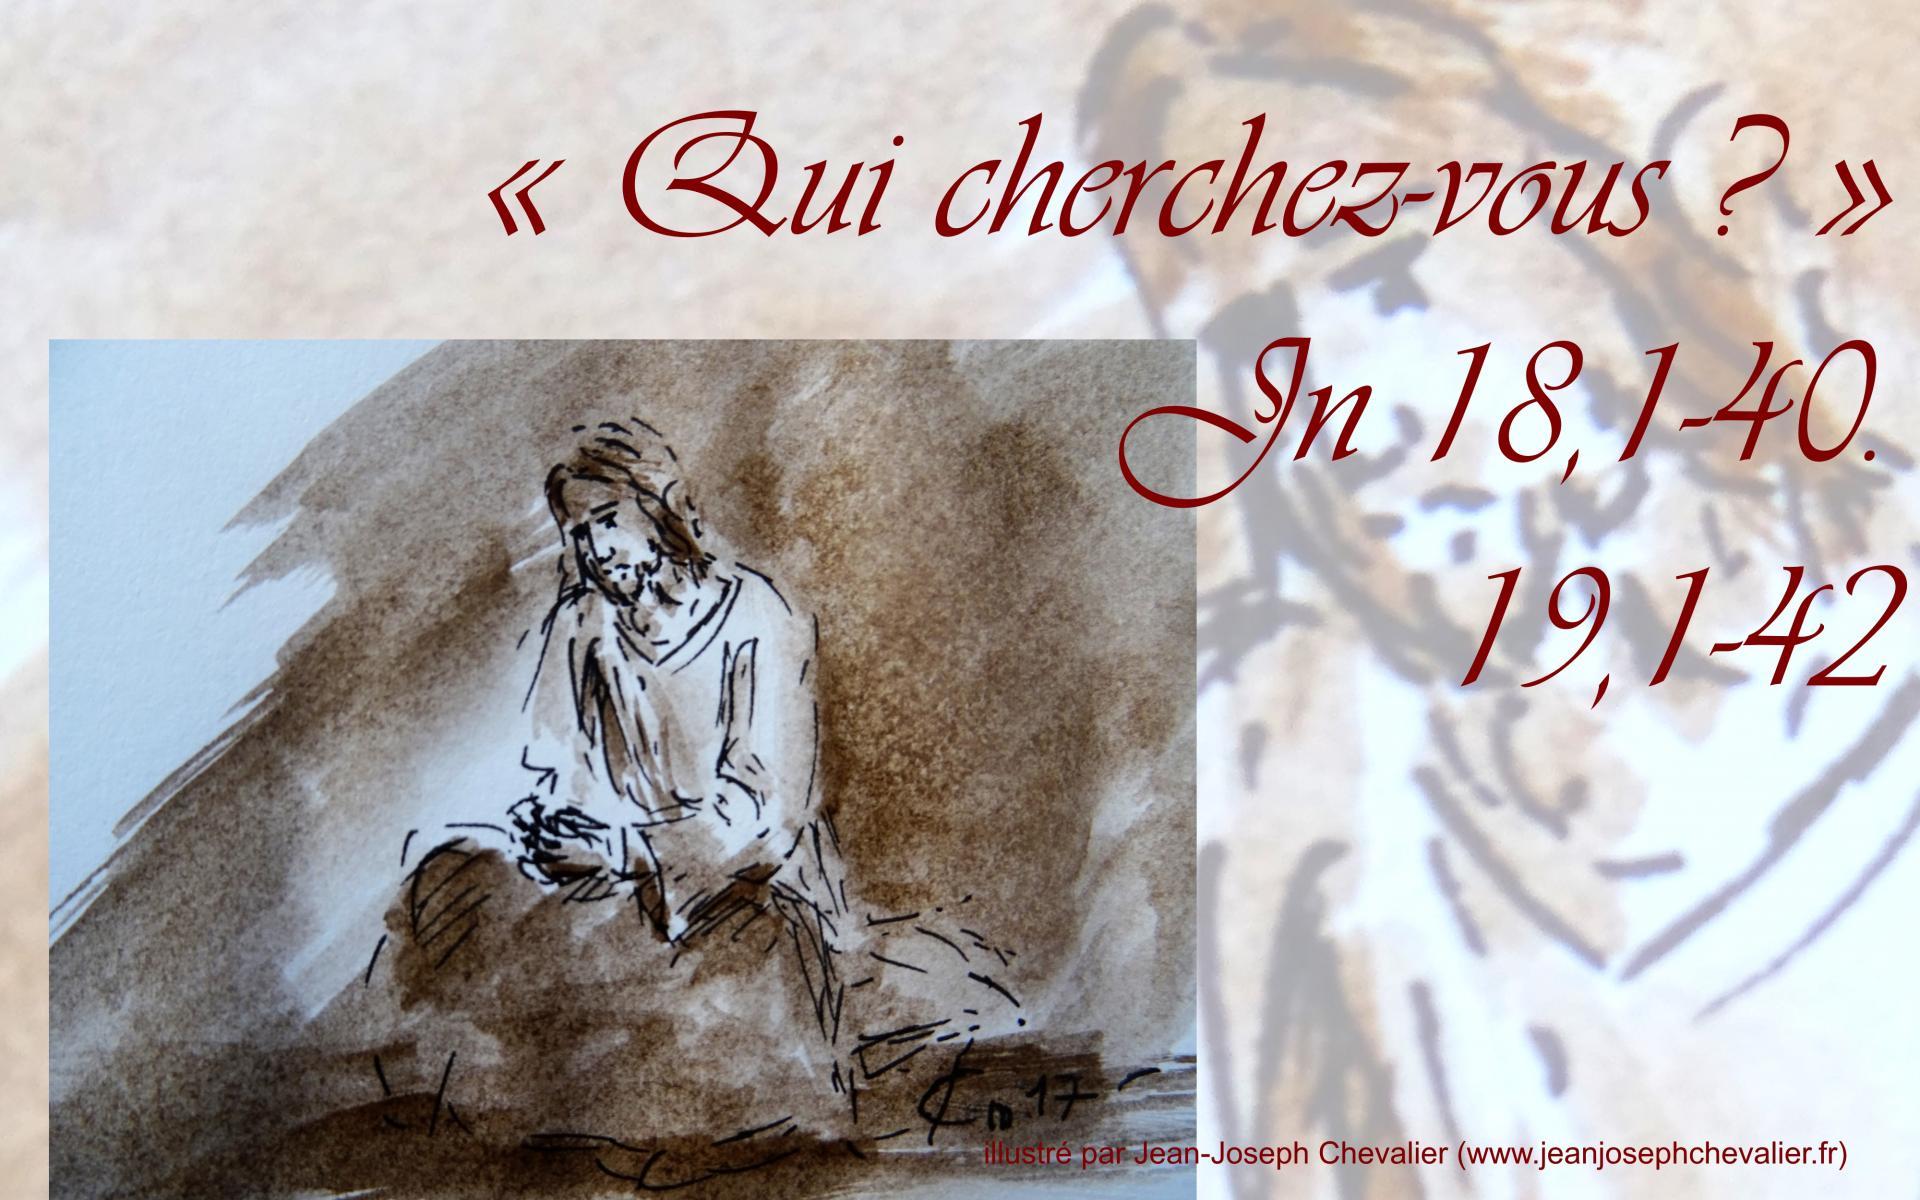 30 mars 2018 evangile du jour illustre par un dessin au lavis de jean joseph chevalier image